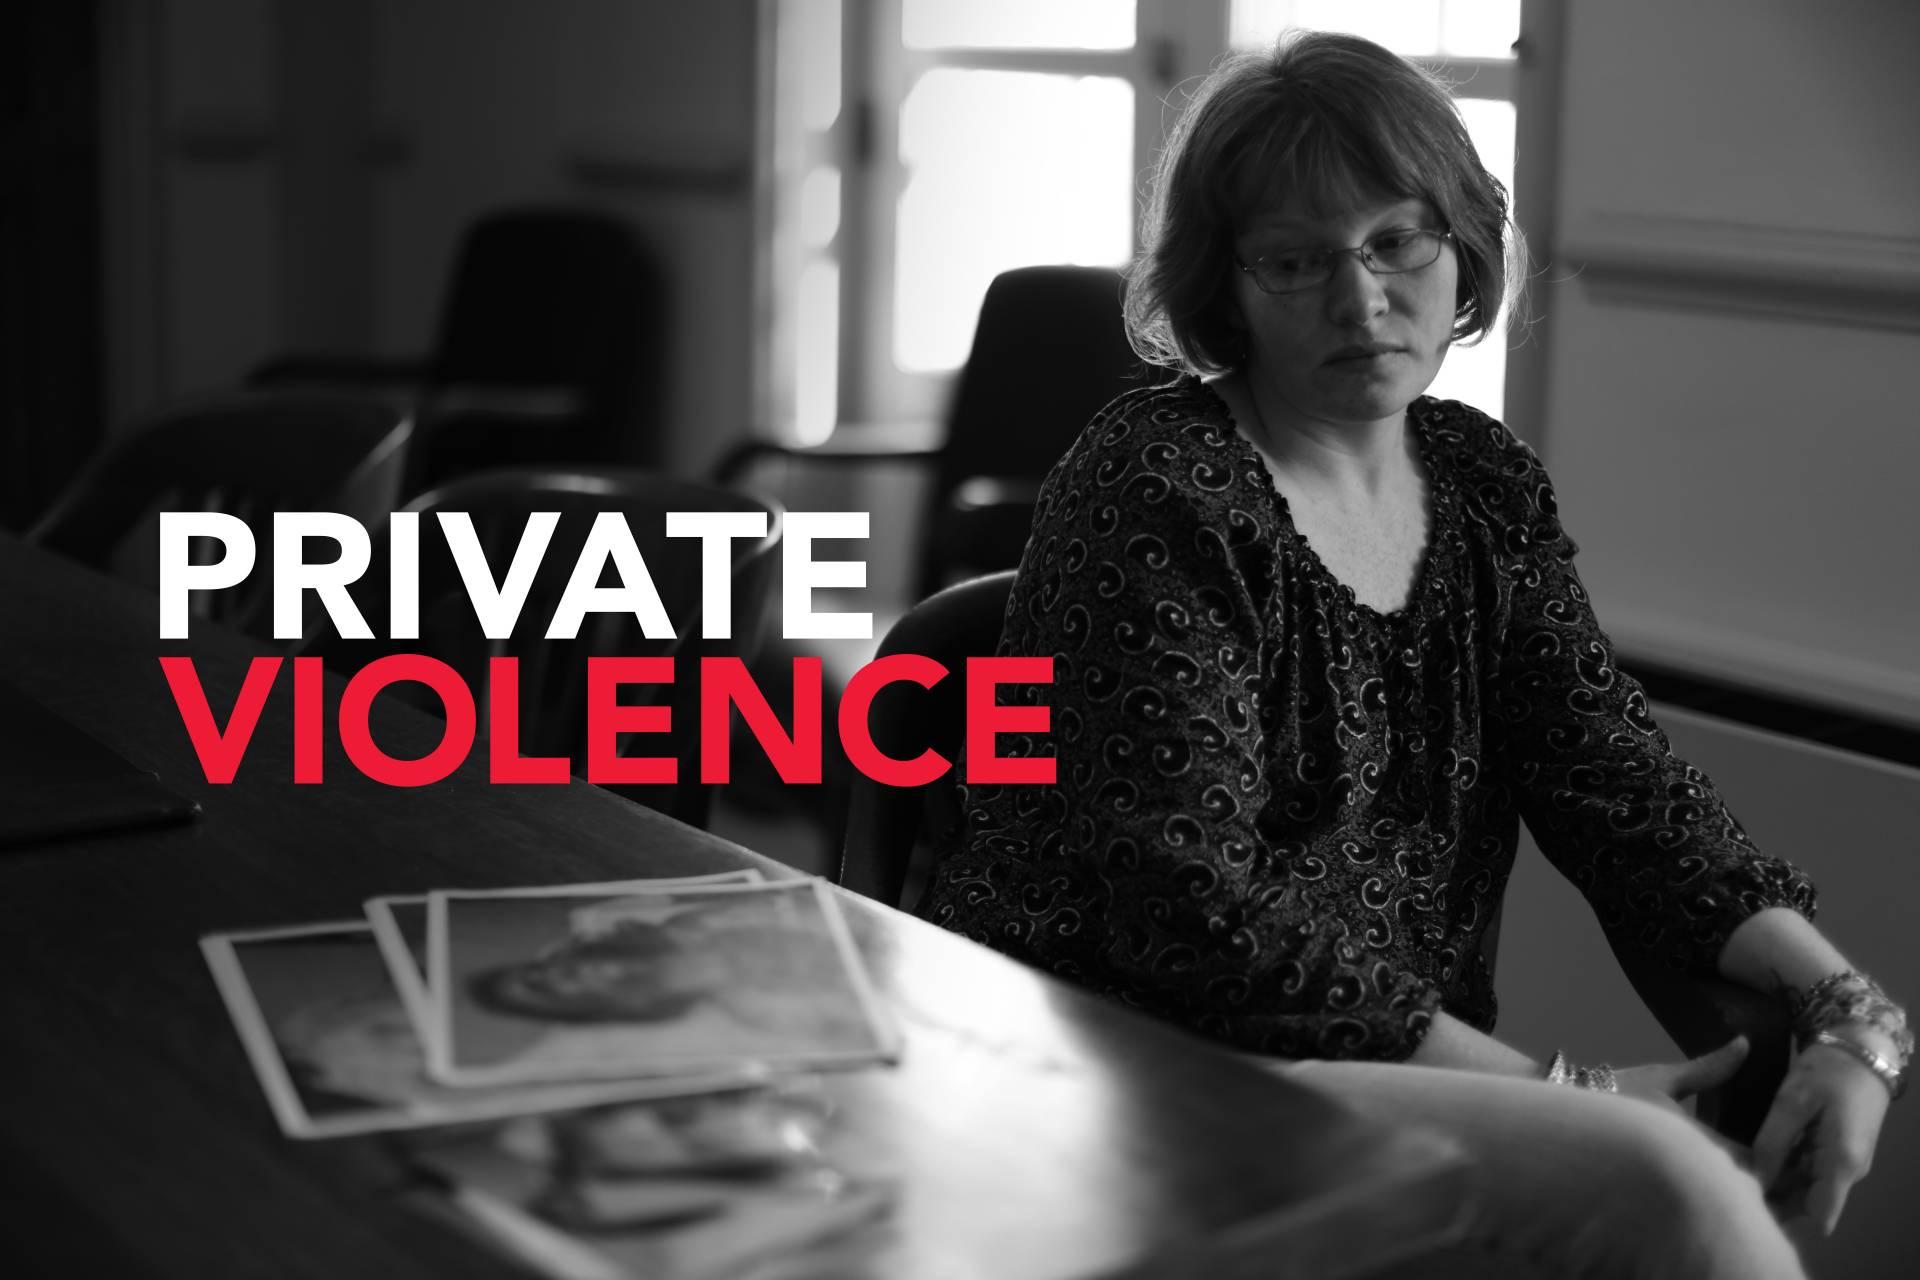 ΕΡΤ3: «Πίσω από την κλειστή πόρτα»,  ντοκιμαντέρ για την ενδοοικογενειακή βία